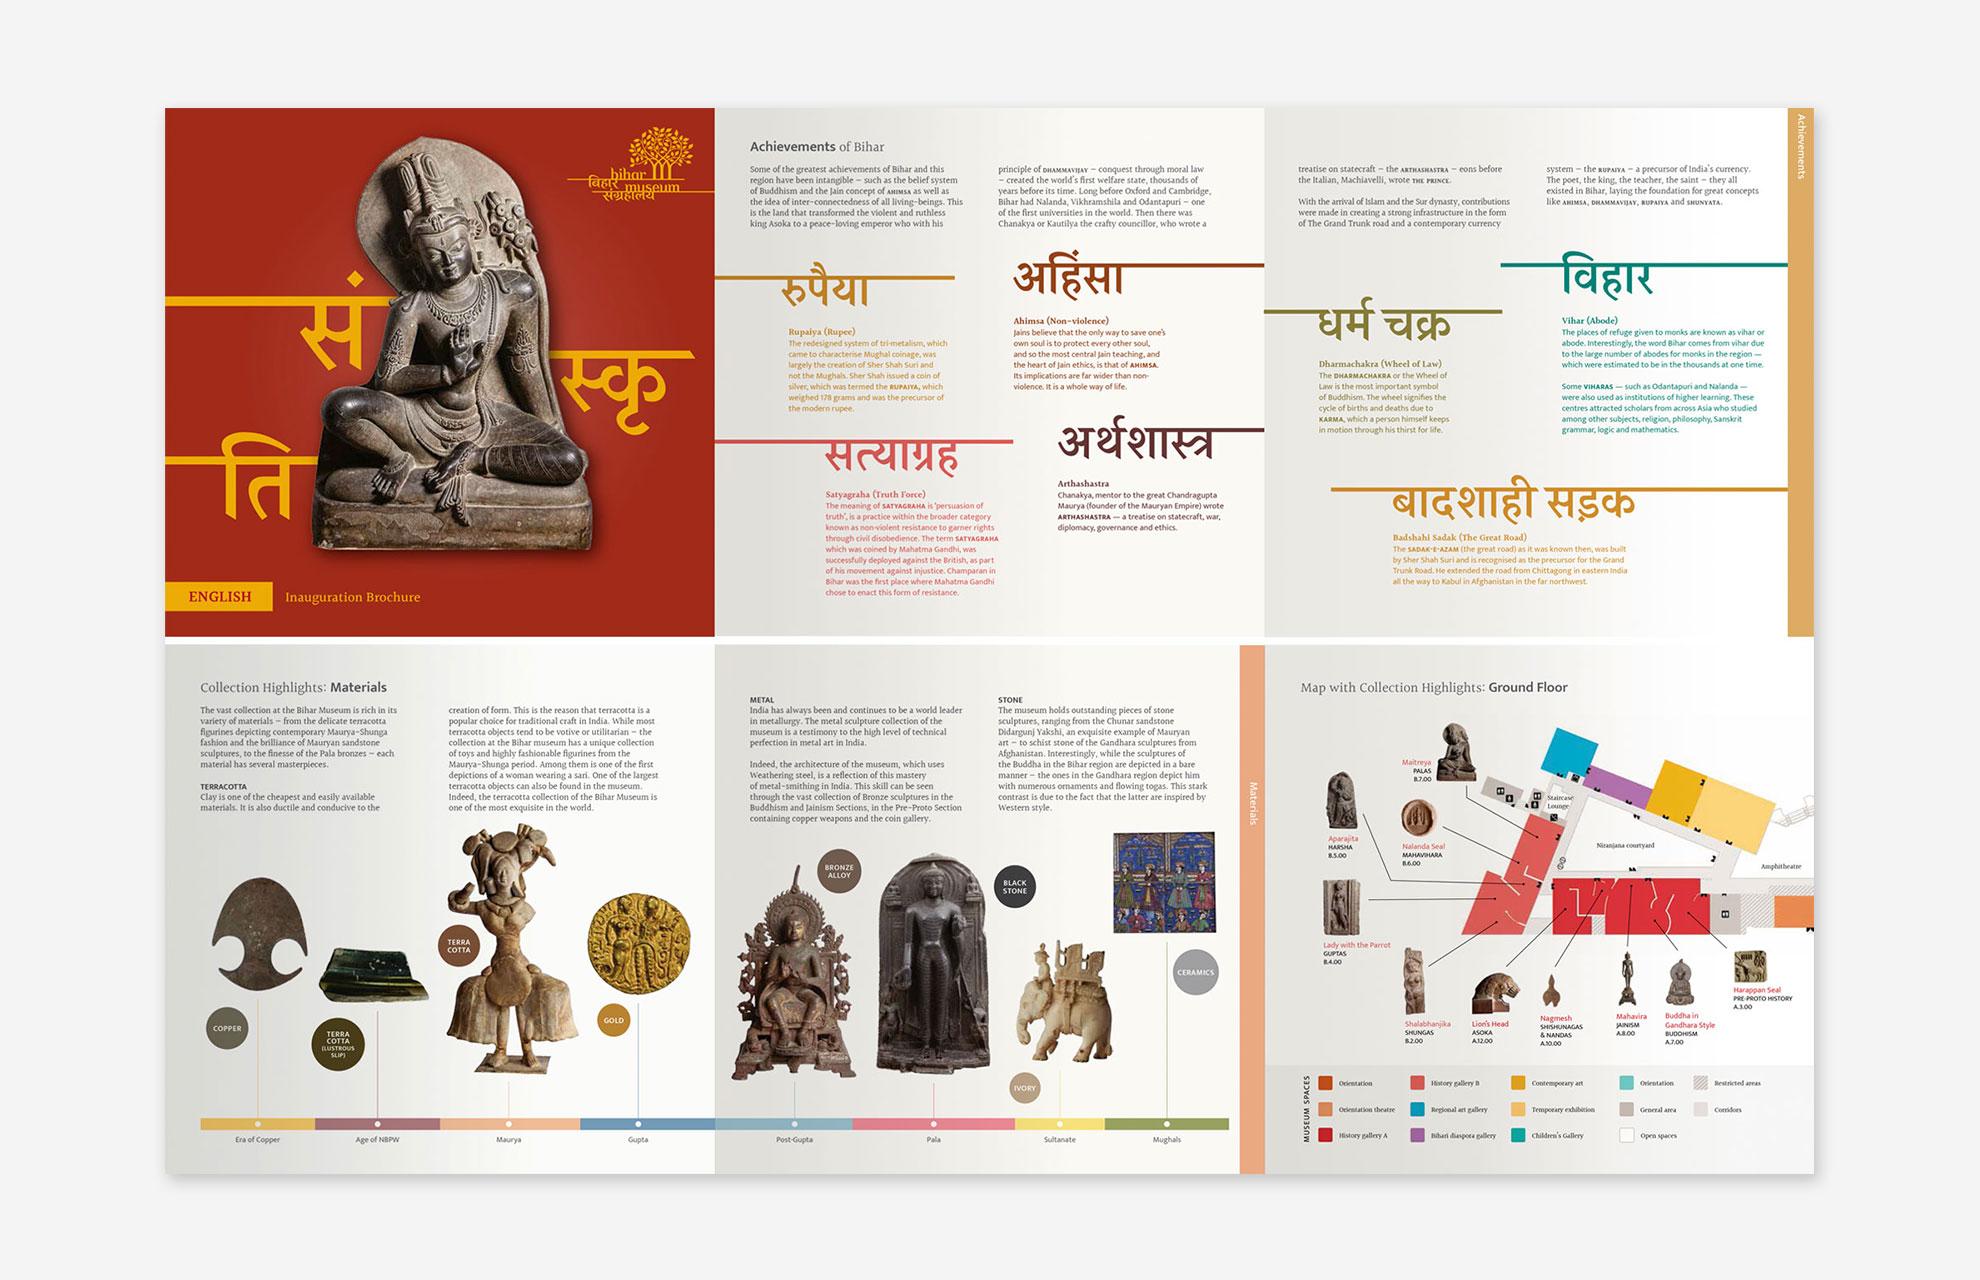 Bihar-Museum-11A